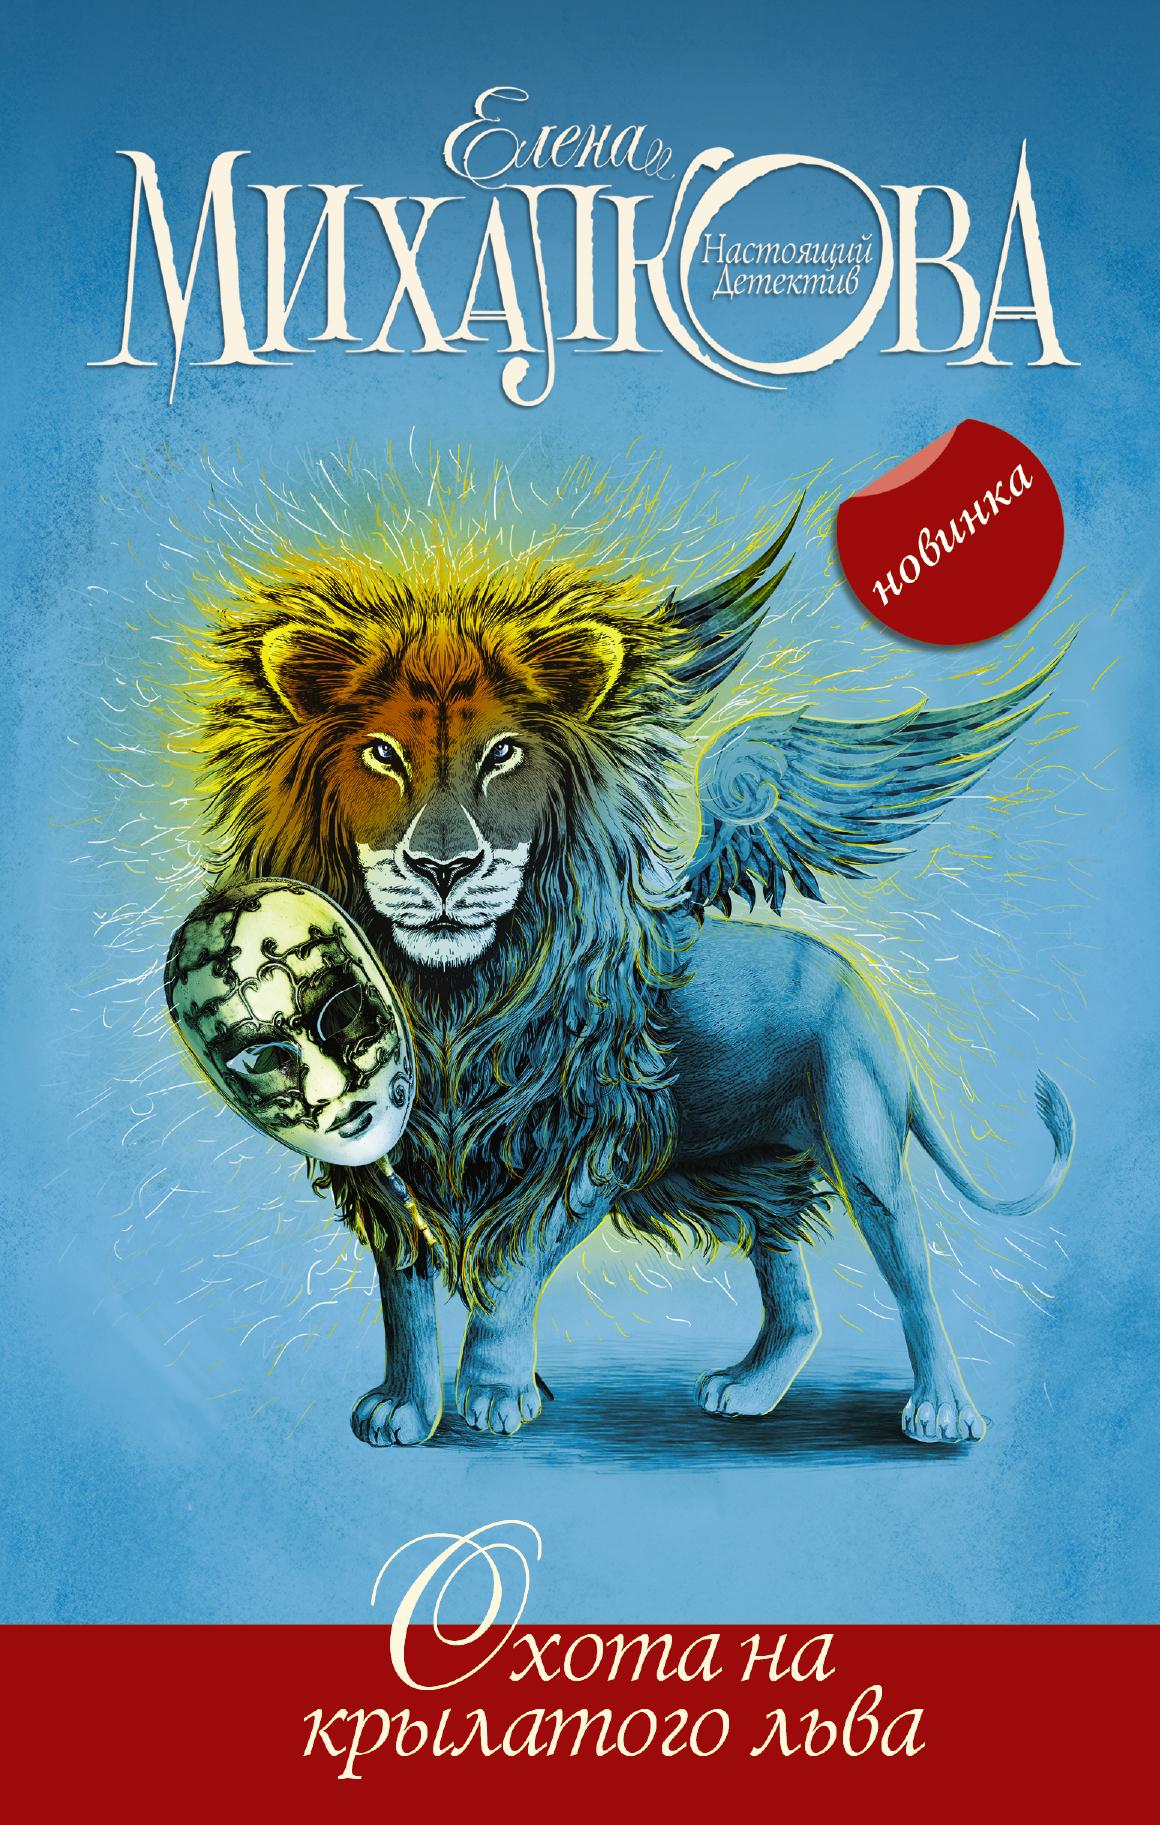 Купить Охота на крылатого льва, Елена Михалкова, 978-5-17-085569-8